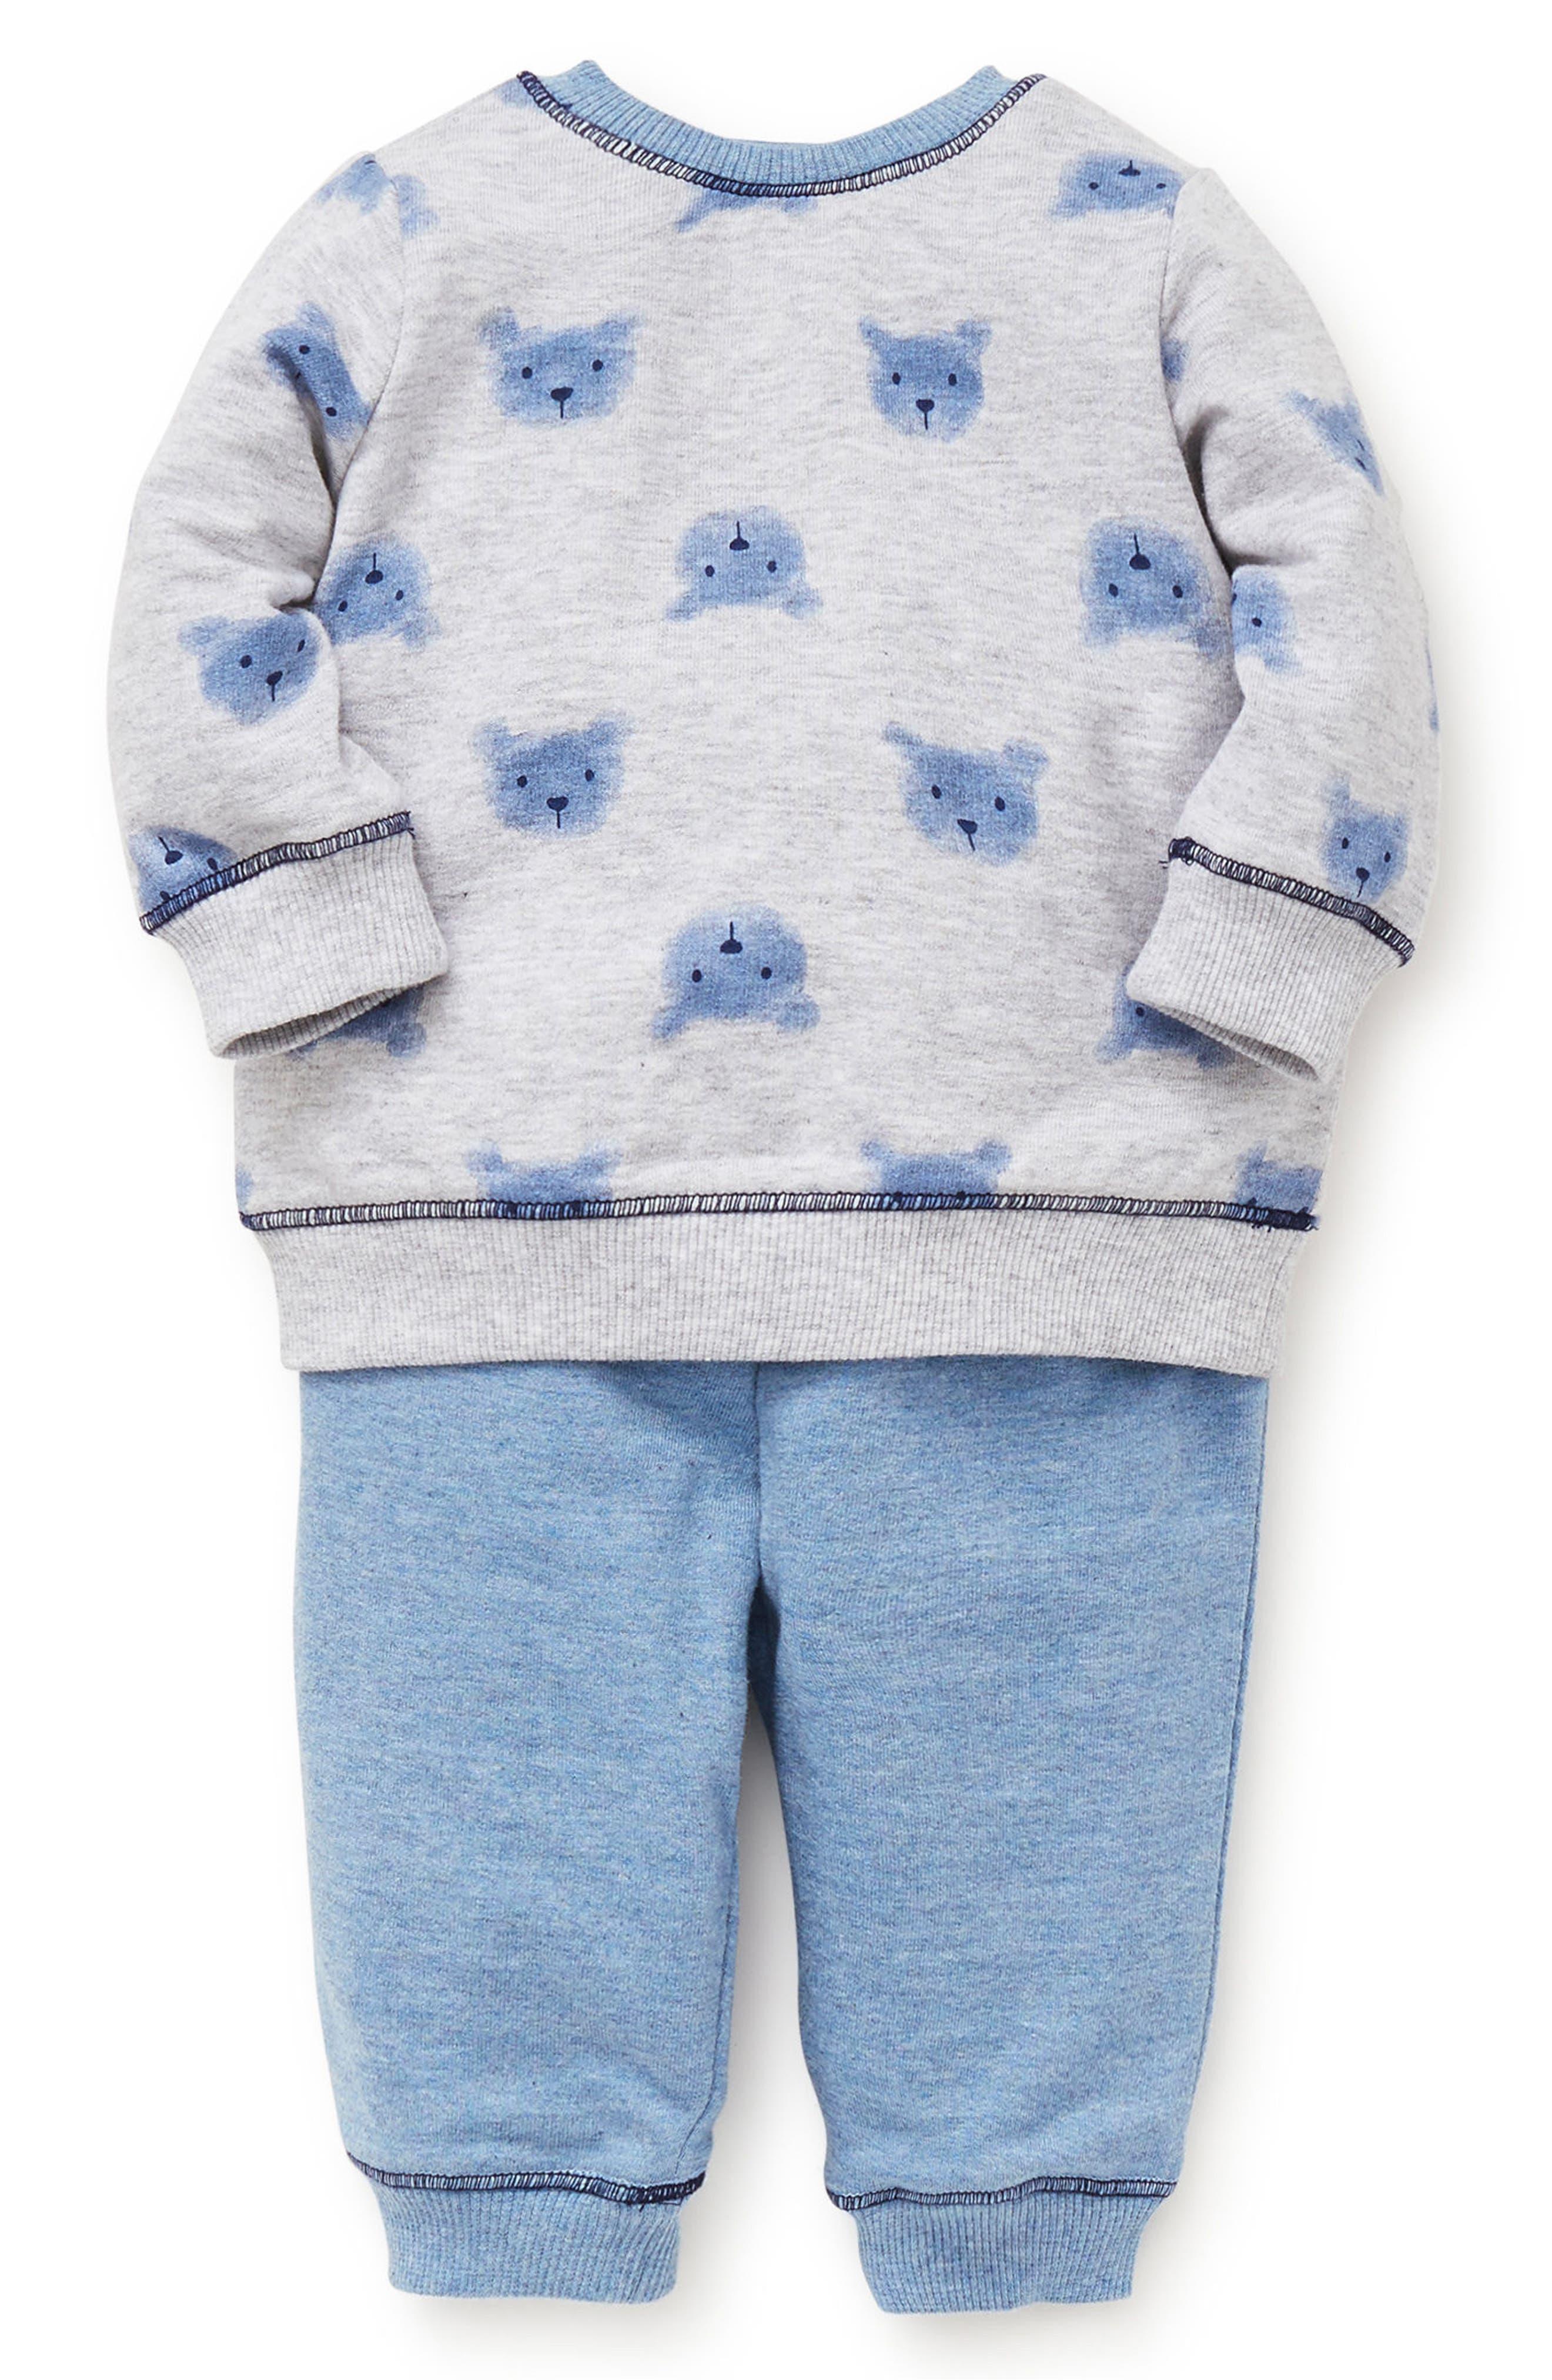 Bears Sweatshirt & Sweatpants Set,                             Main thumbnail 1, color,                             BLUE